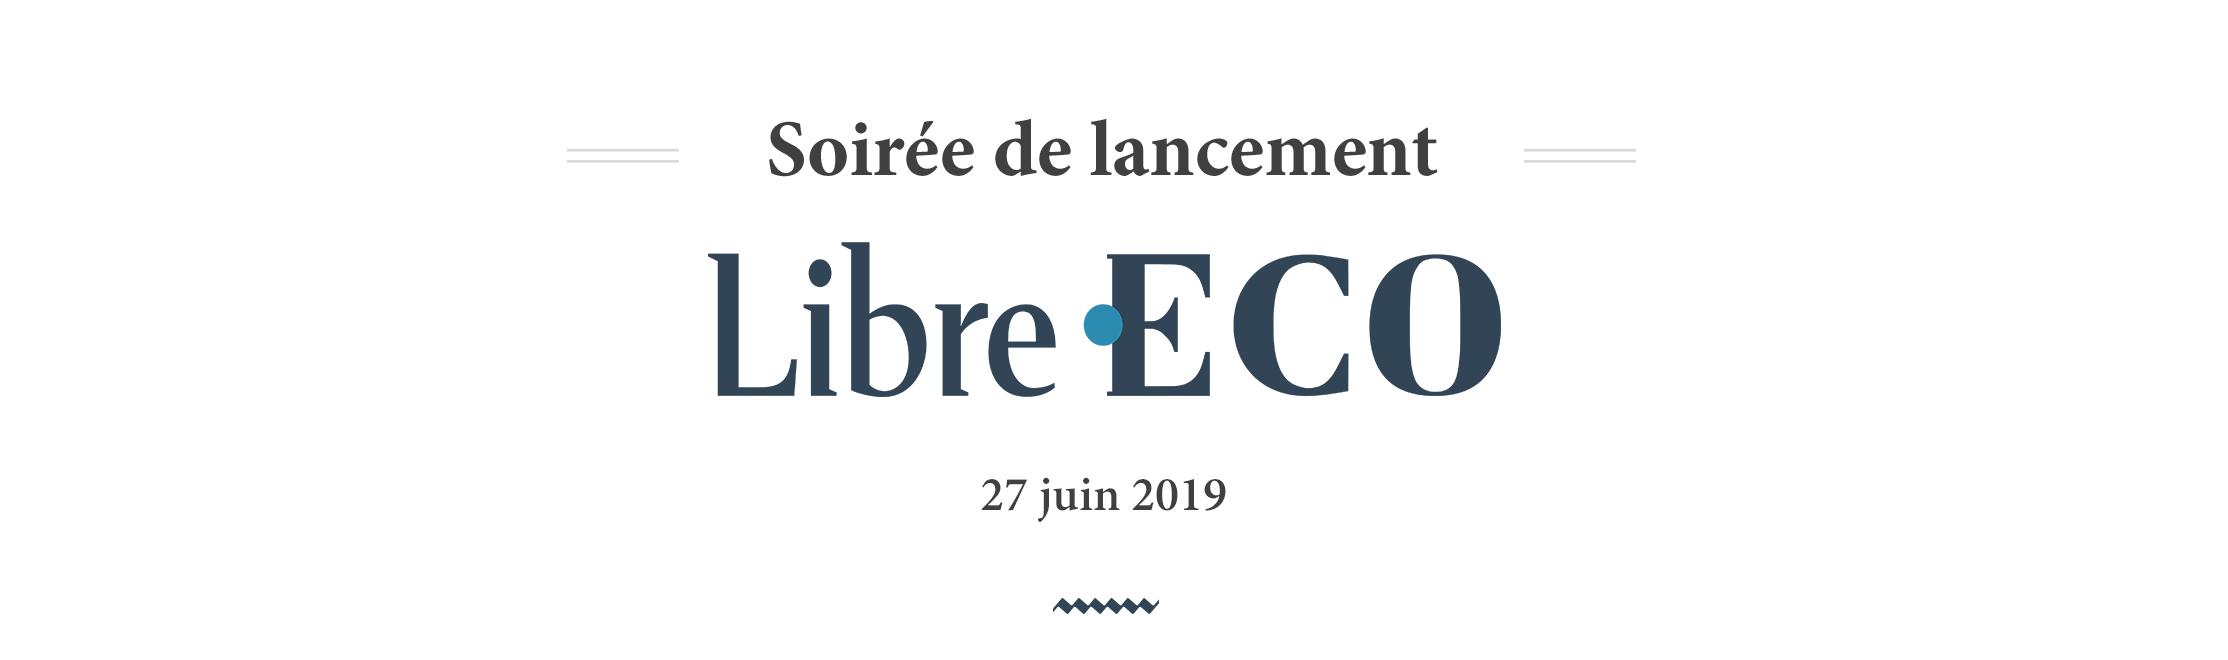 invite banner eco